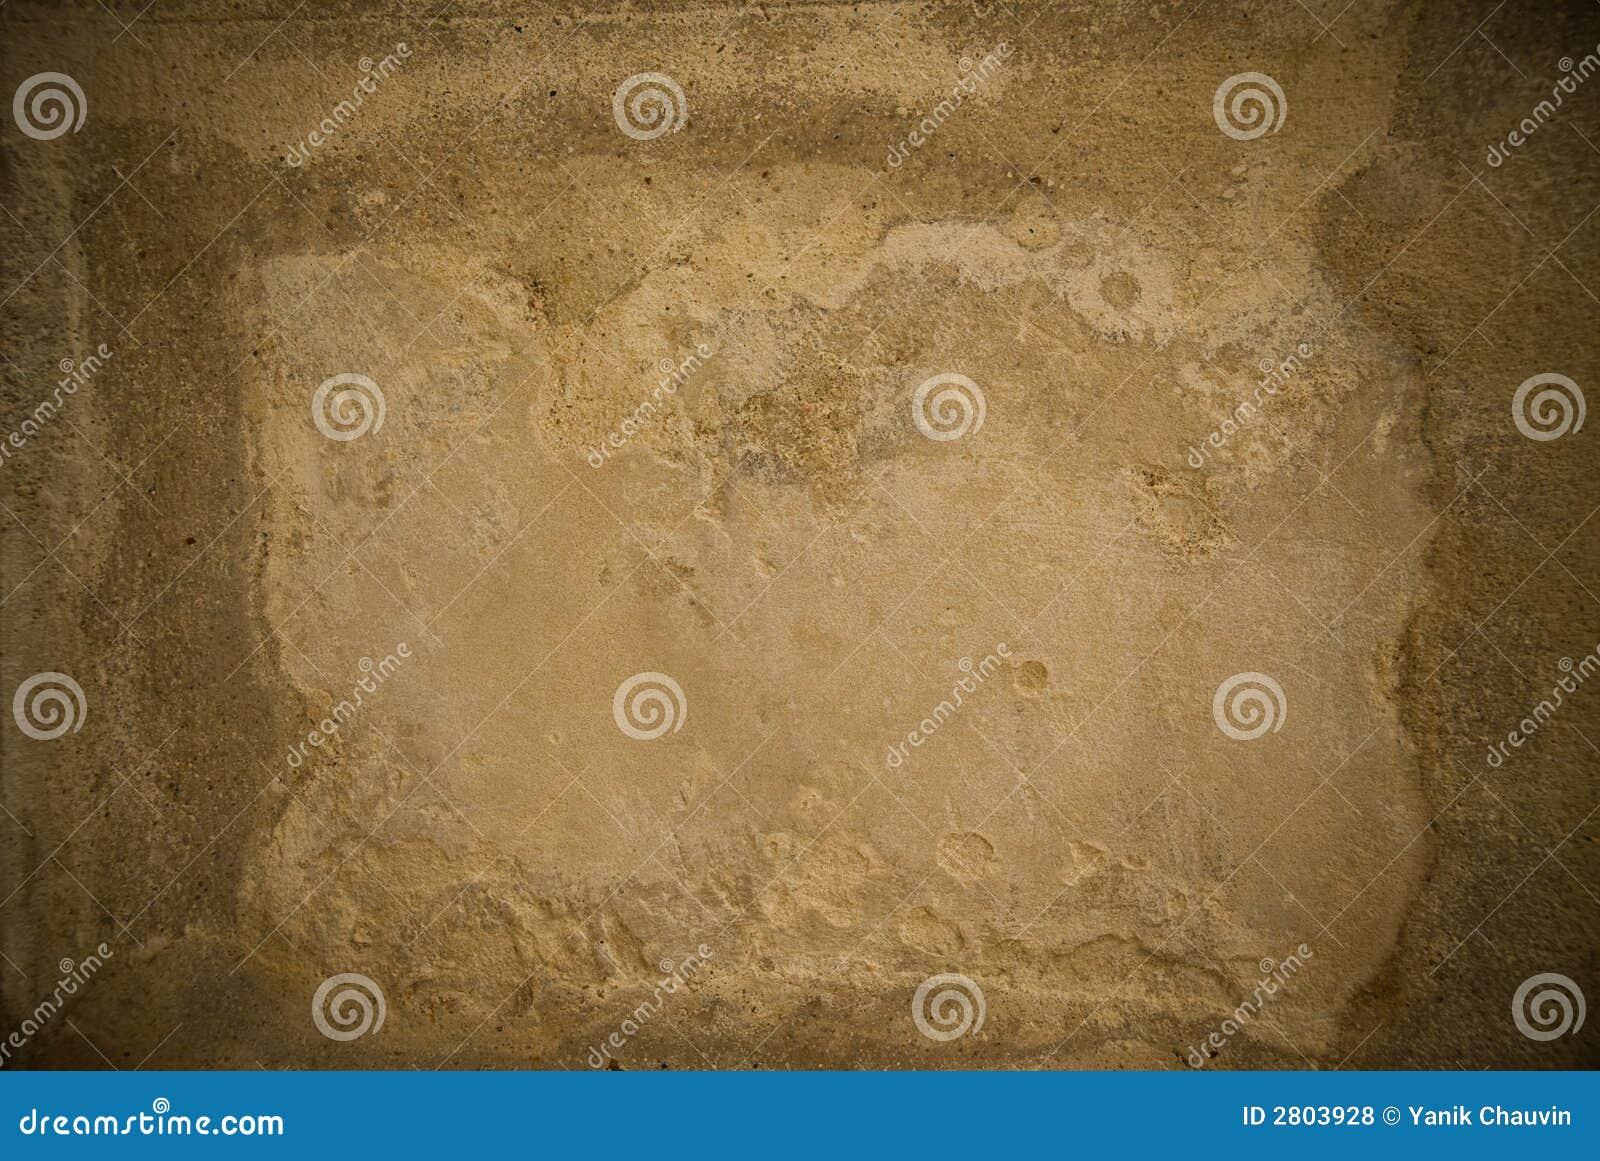 Het af:drukken van de muur